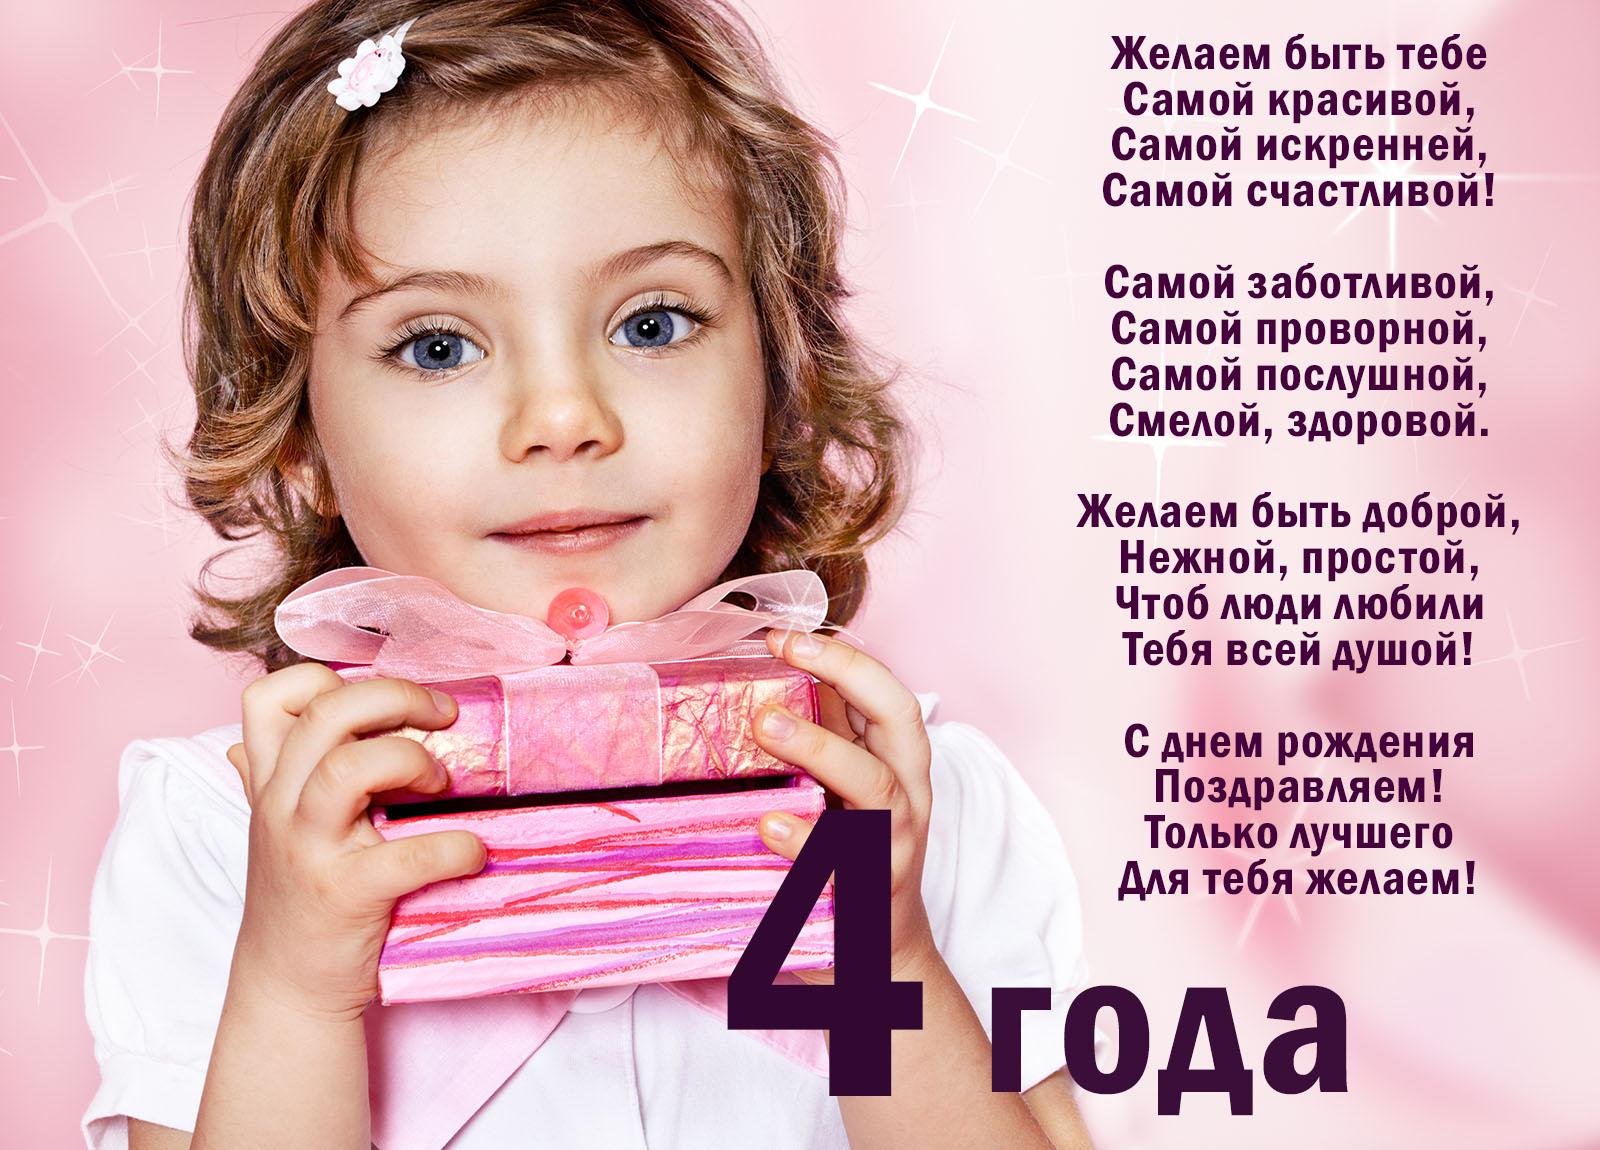 Поздравления девочке с днем рождения на 4 года девочке 1